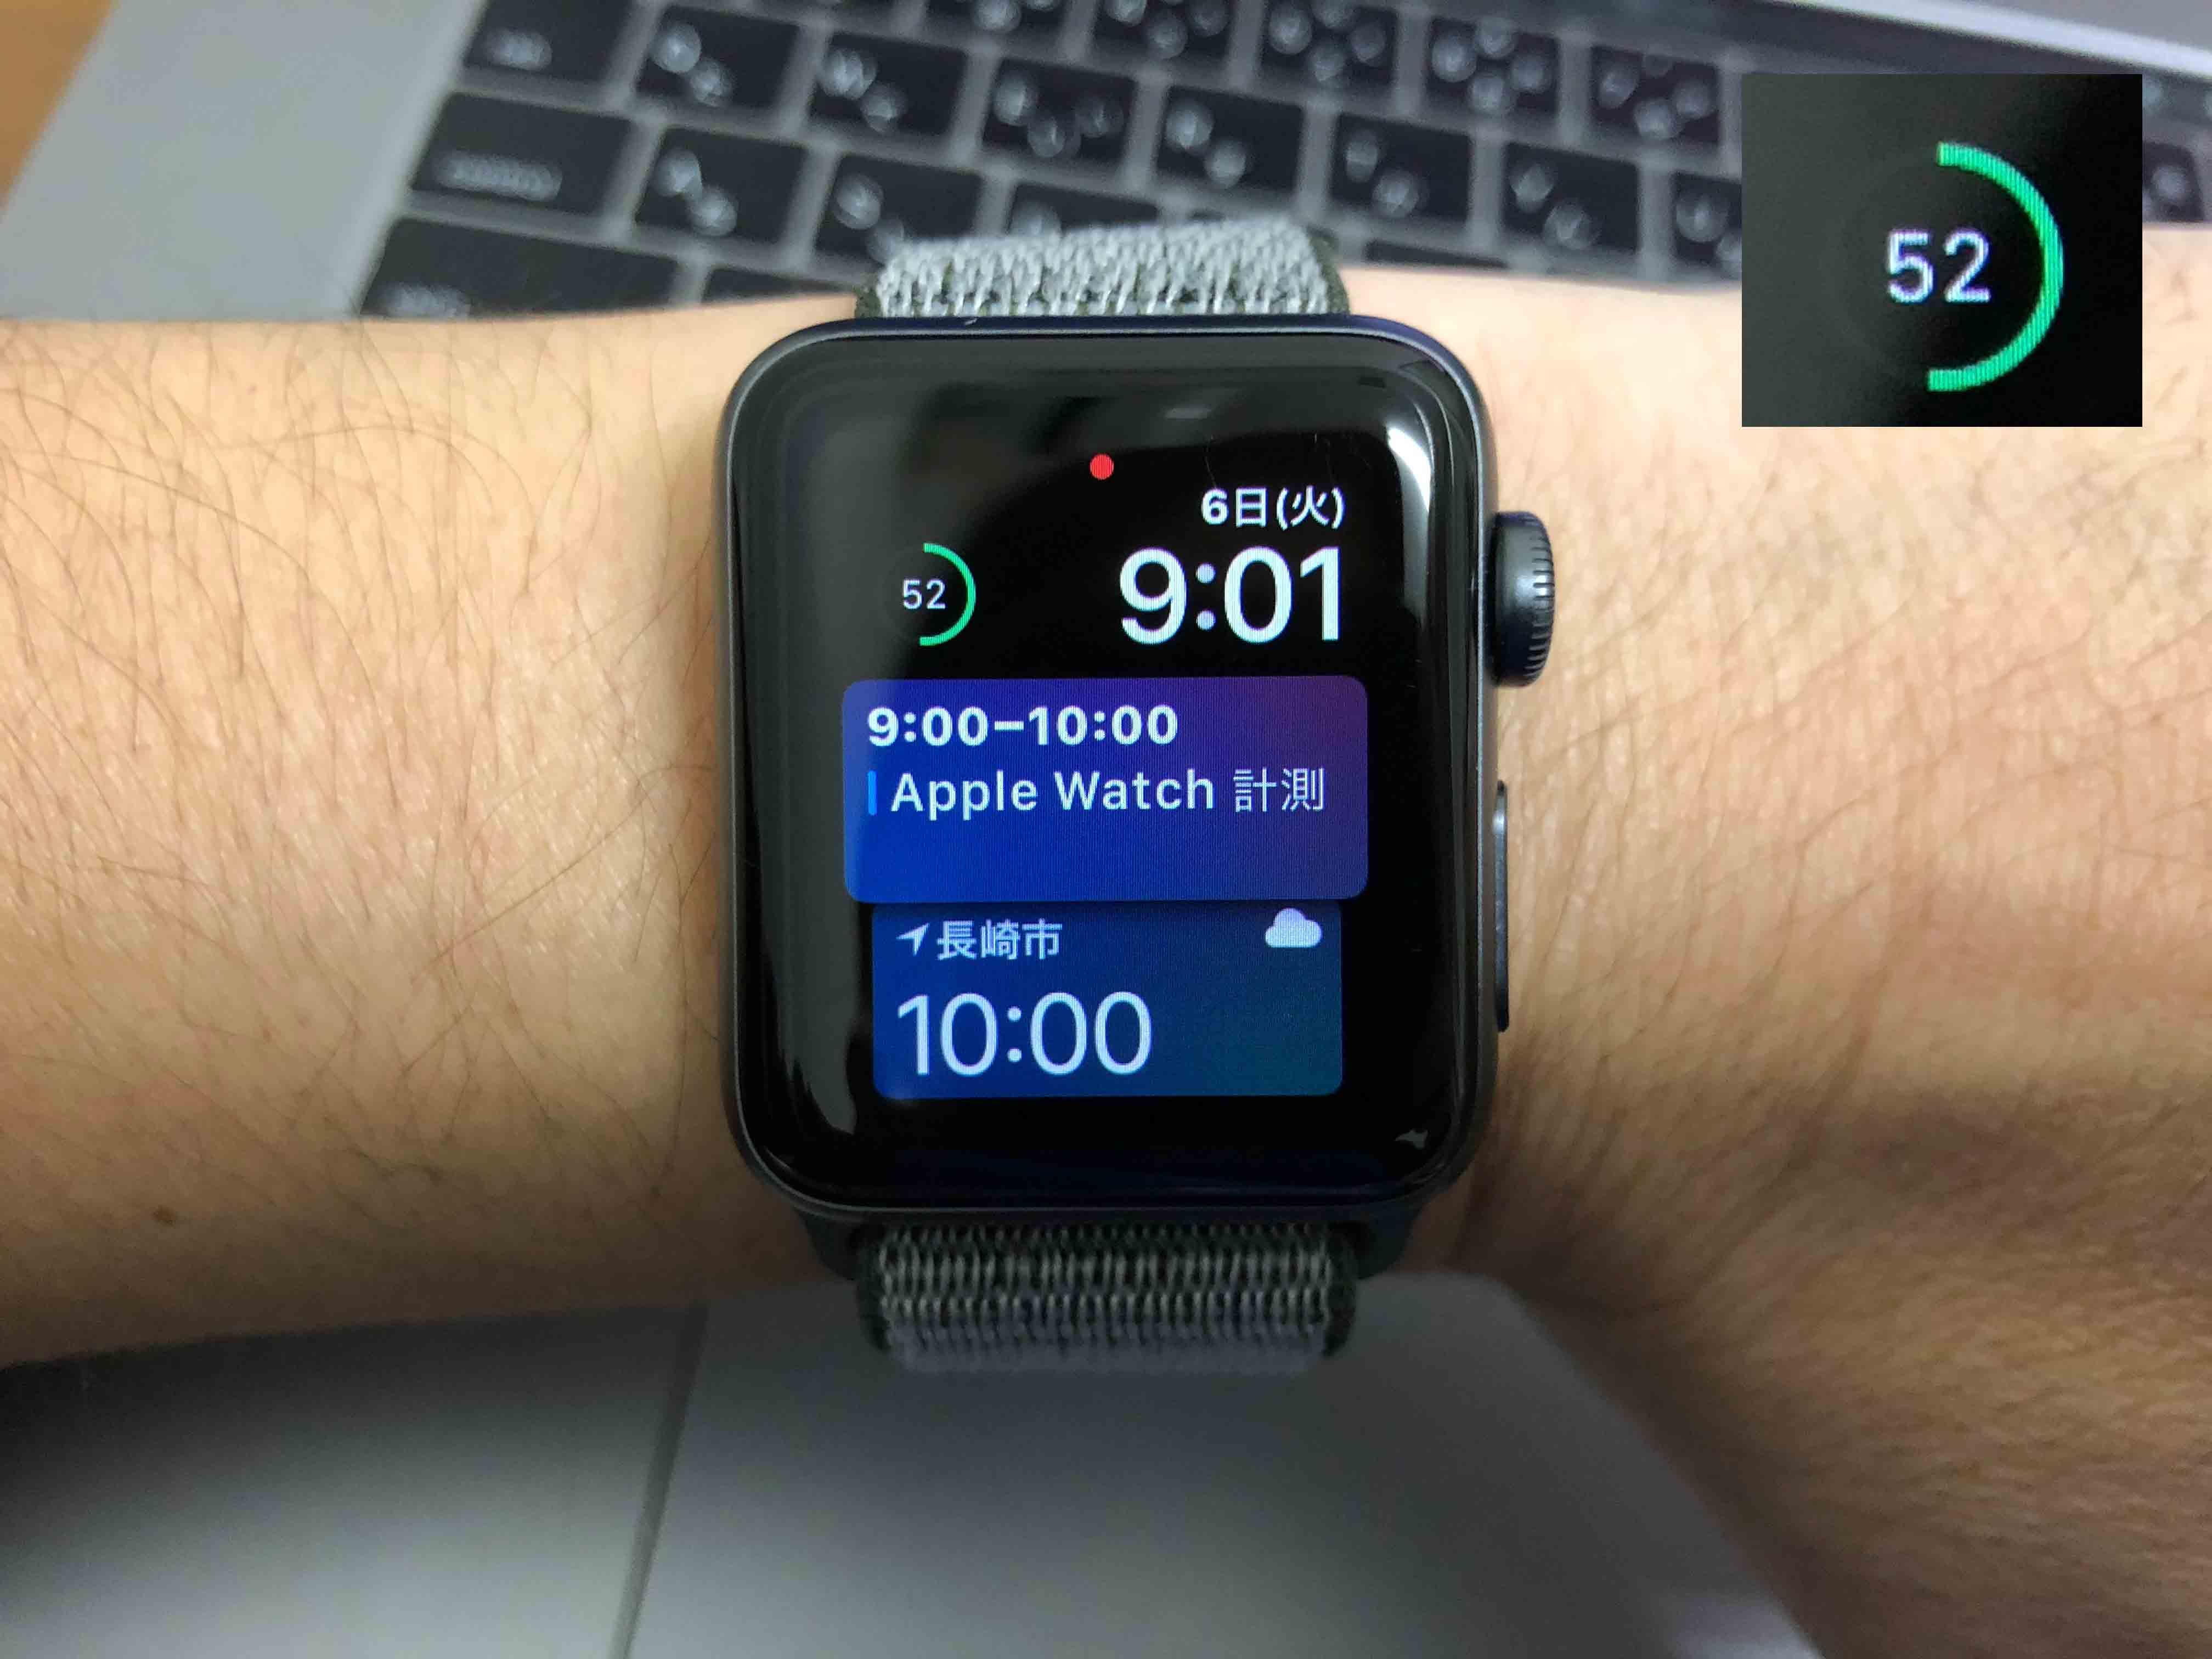 AppleWatchバッテリー52%に関する写真.